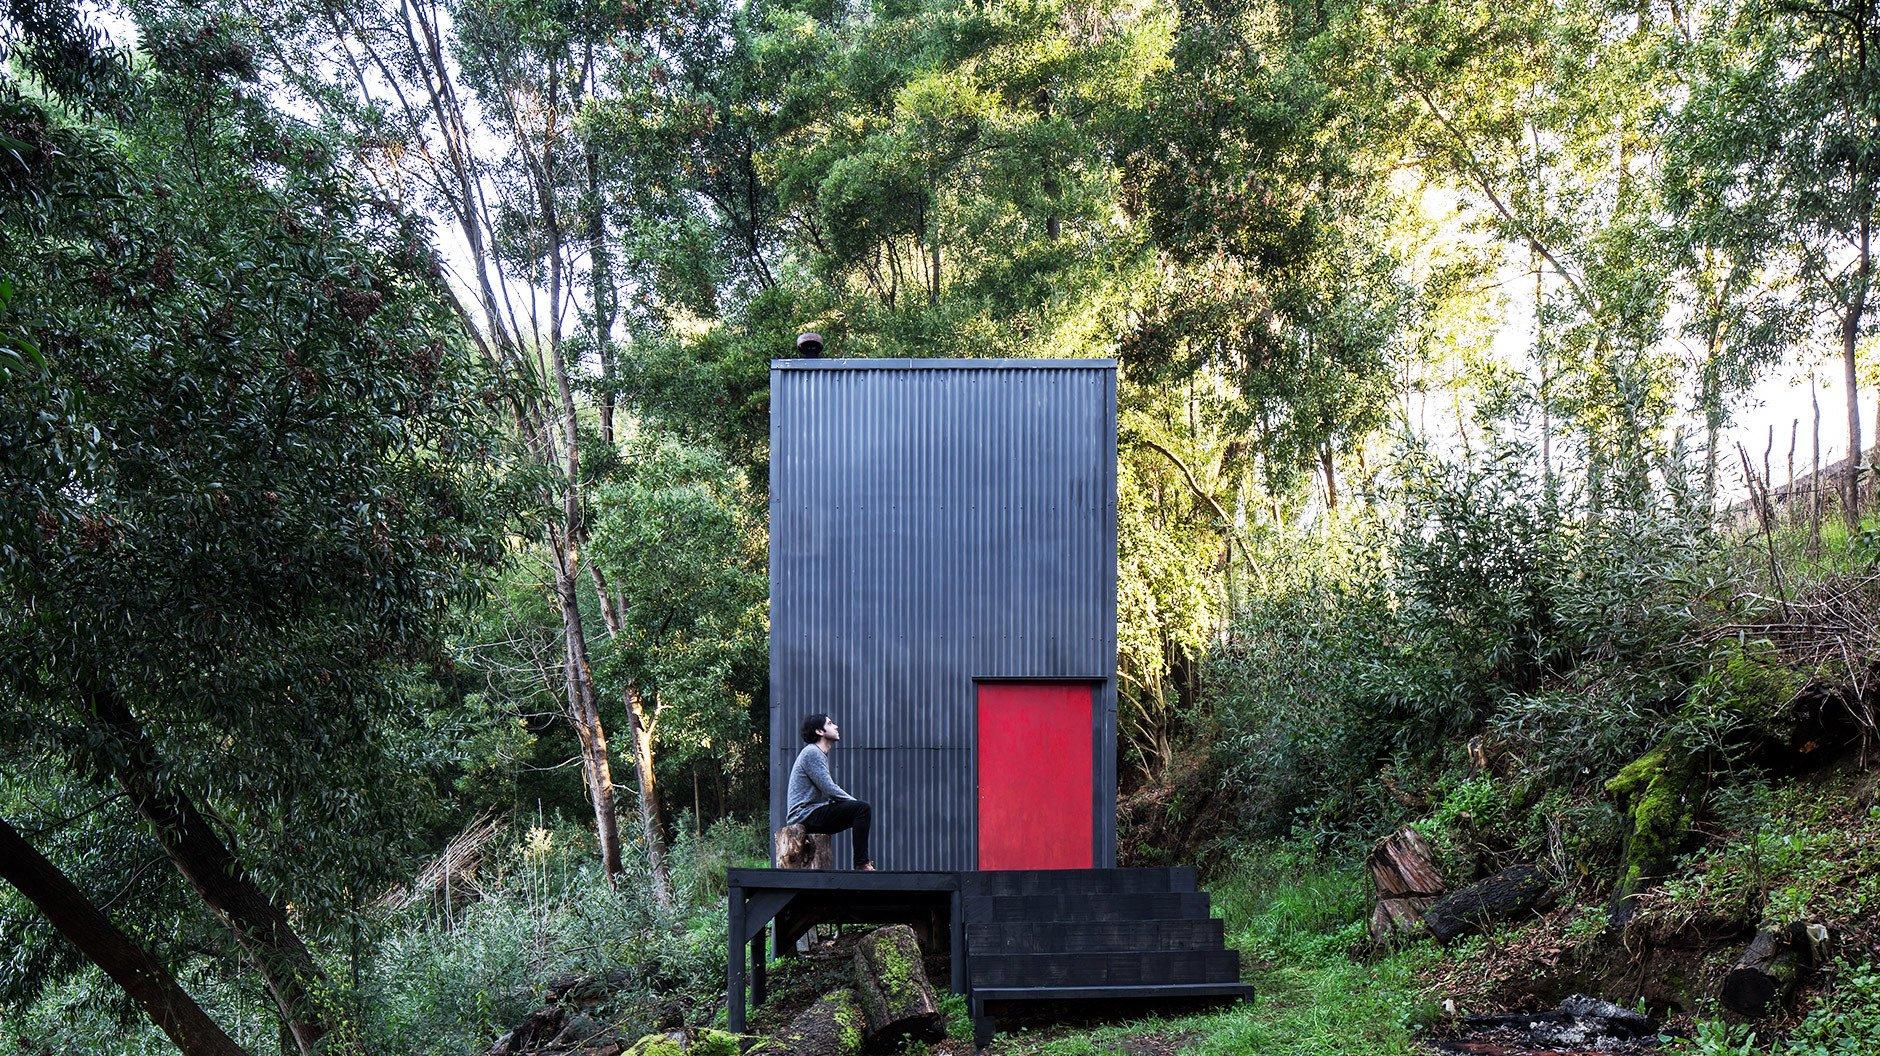 Die drei Meter im Quadrat große Hütte tarnt sich im Unterholz mit einem dunklen Anstrich. Die weithin sichtbare, signalrote Tür markiert ihren Eingang.